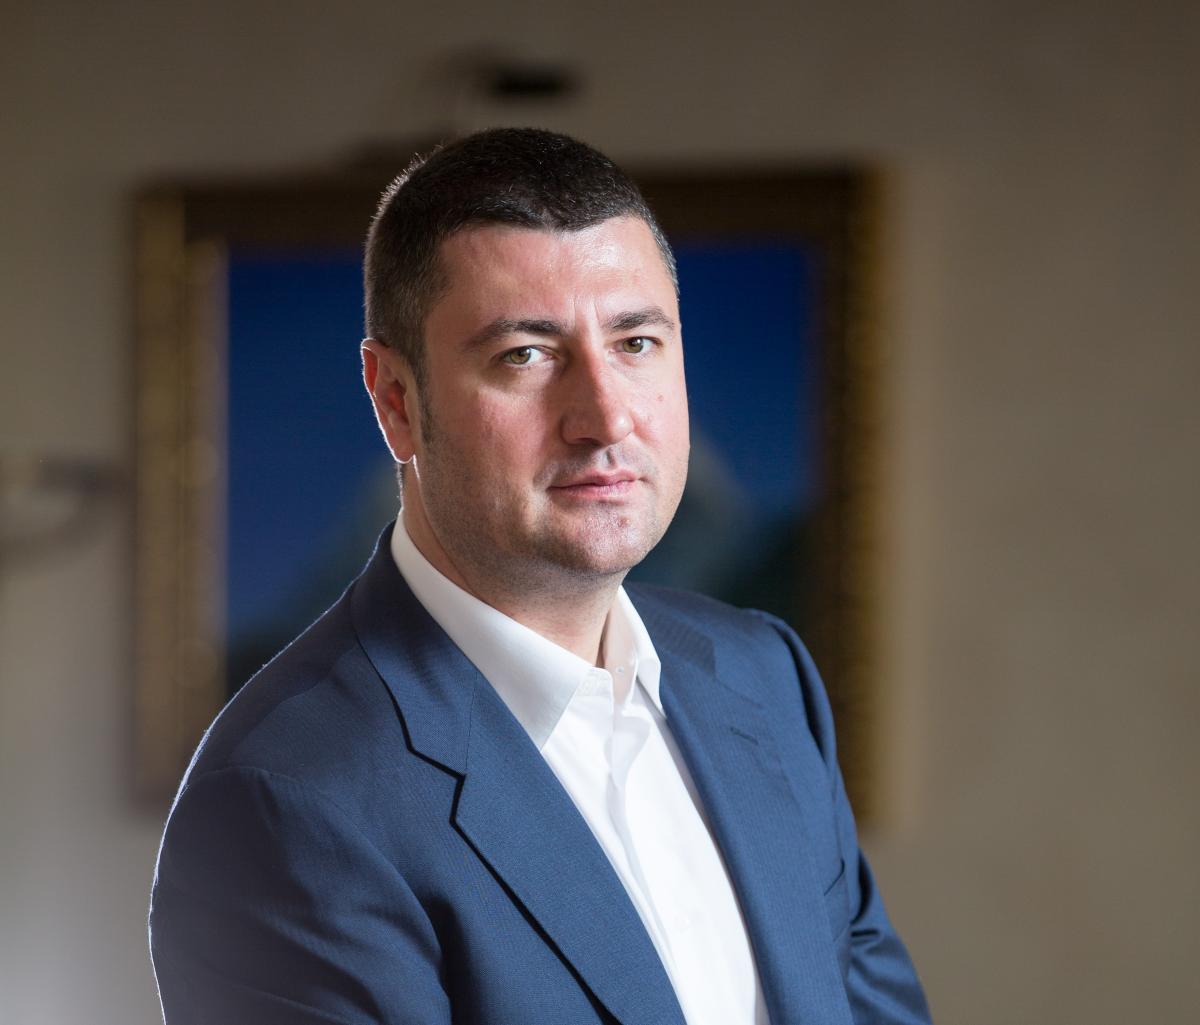 Олег Бахматюк прокомментировал решение Апелляционной палаты Высшего антикоррупционного суда